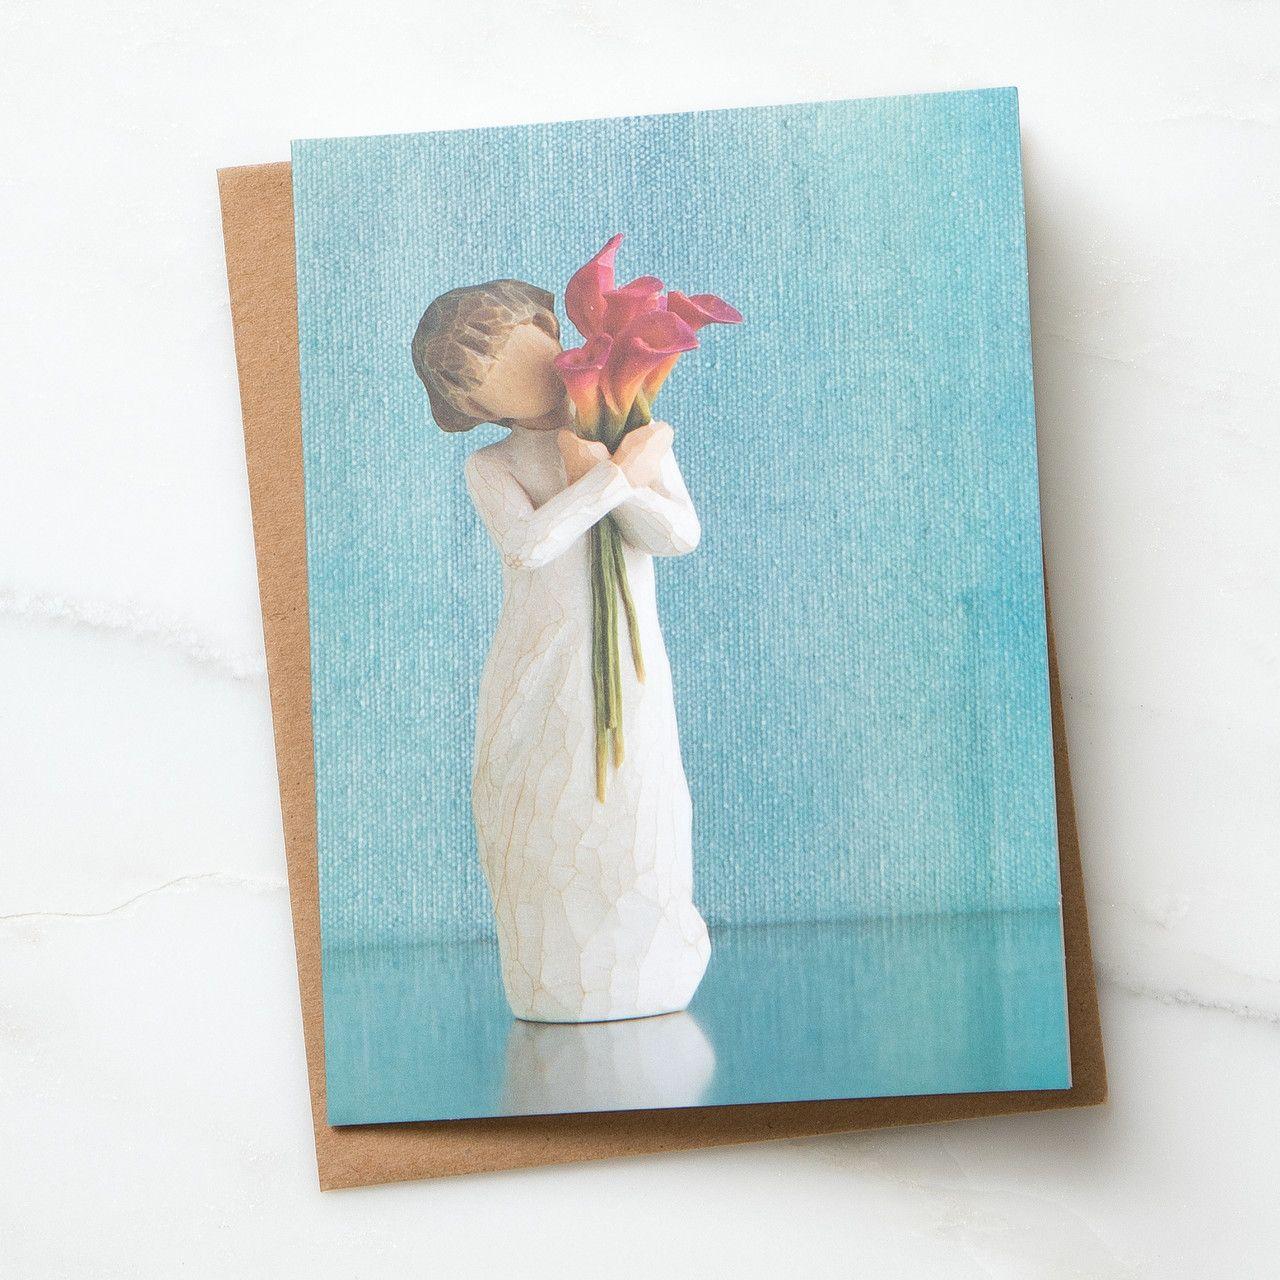 ウィローツリーノートカード 【Bloom】 - 花盛り